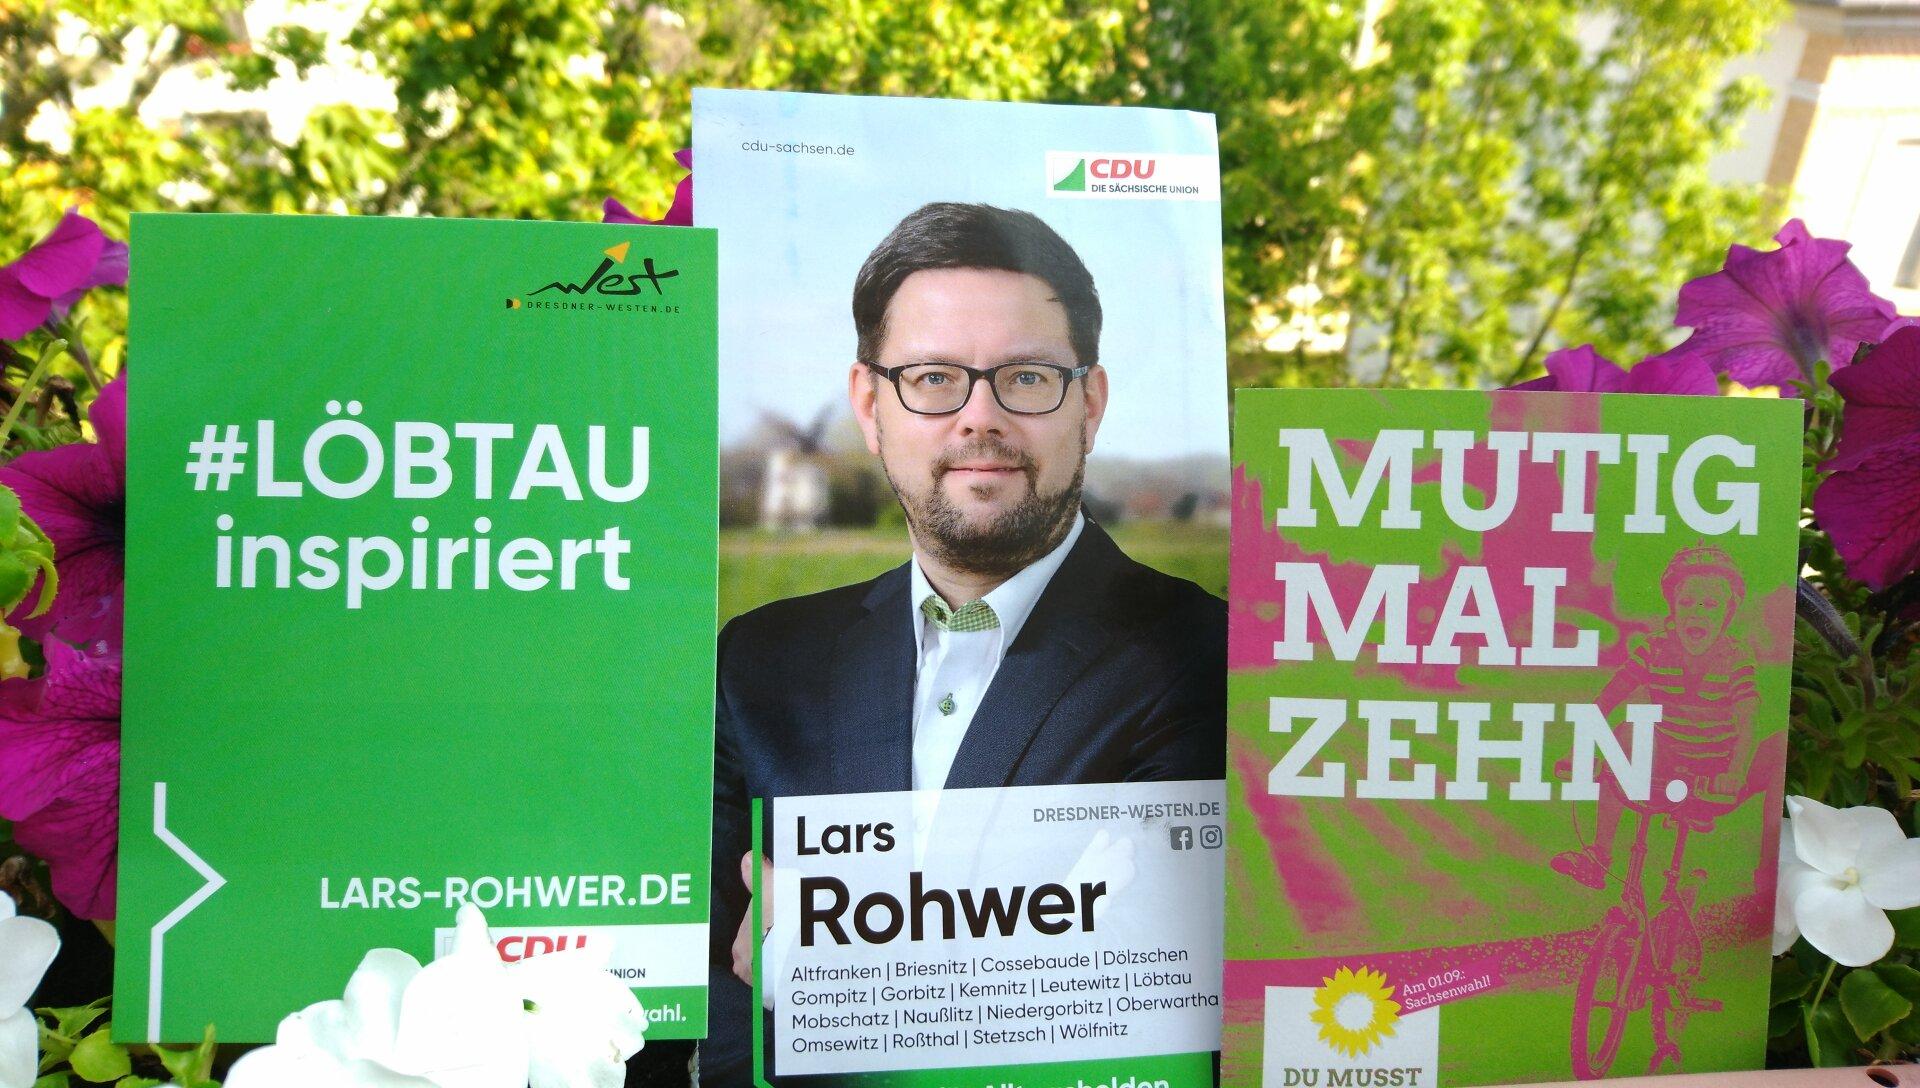 Strategisch wählen zur Landtagwahl? Unbedingt!